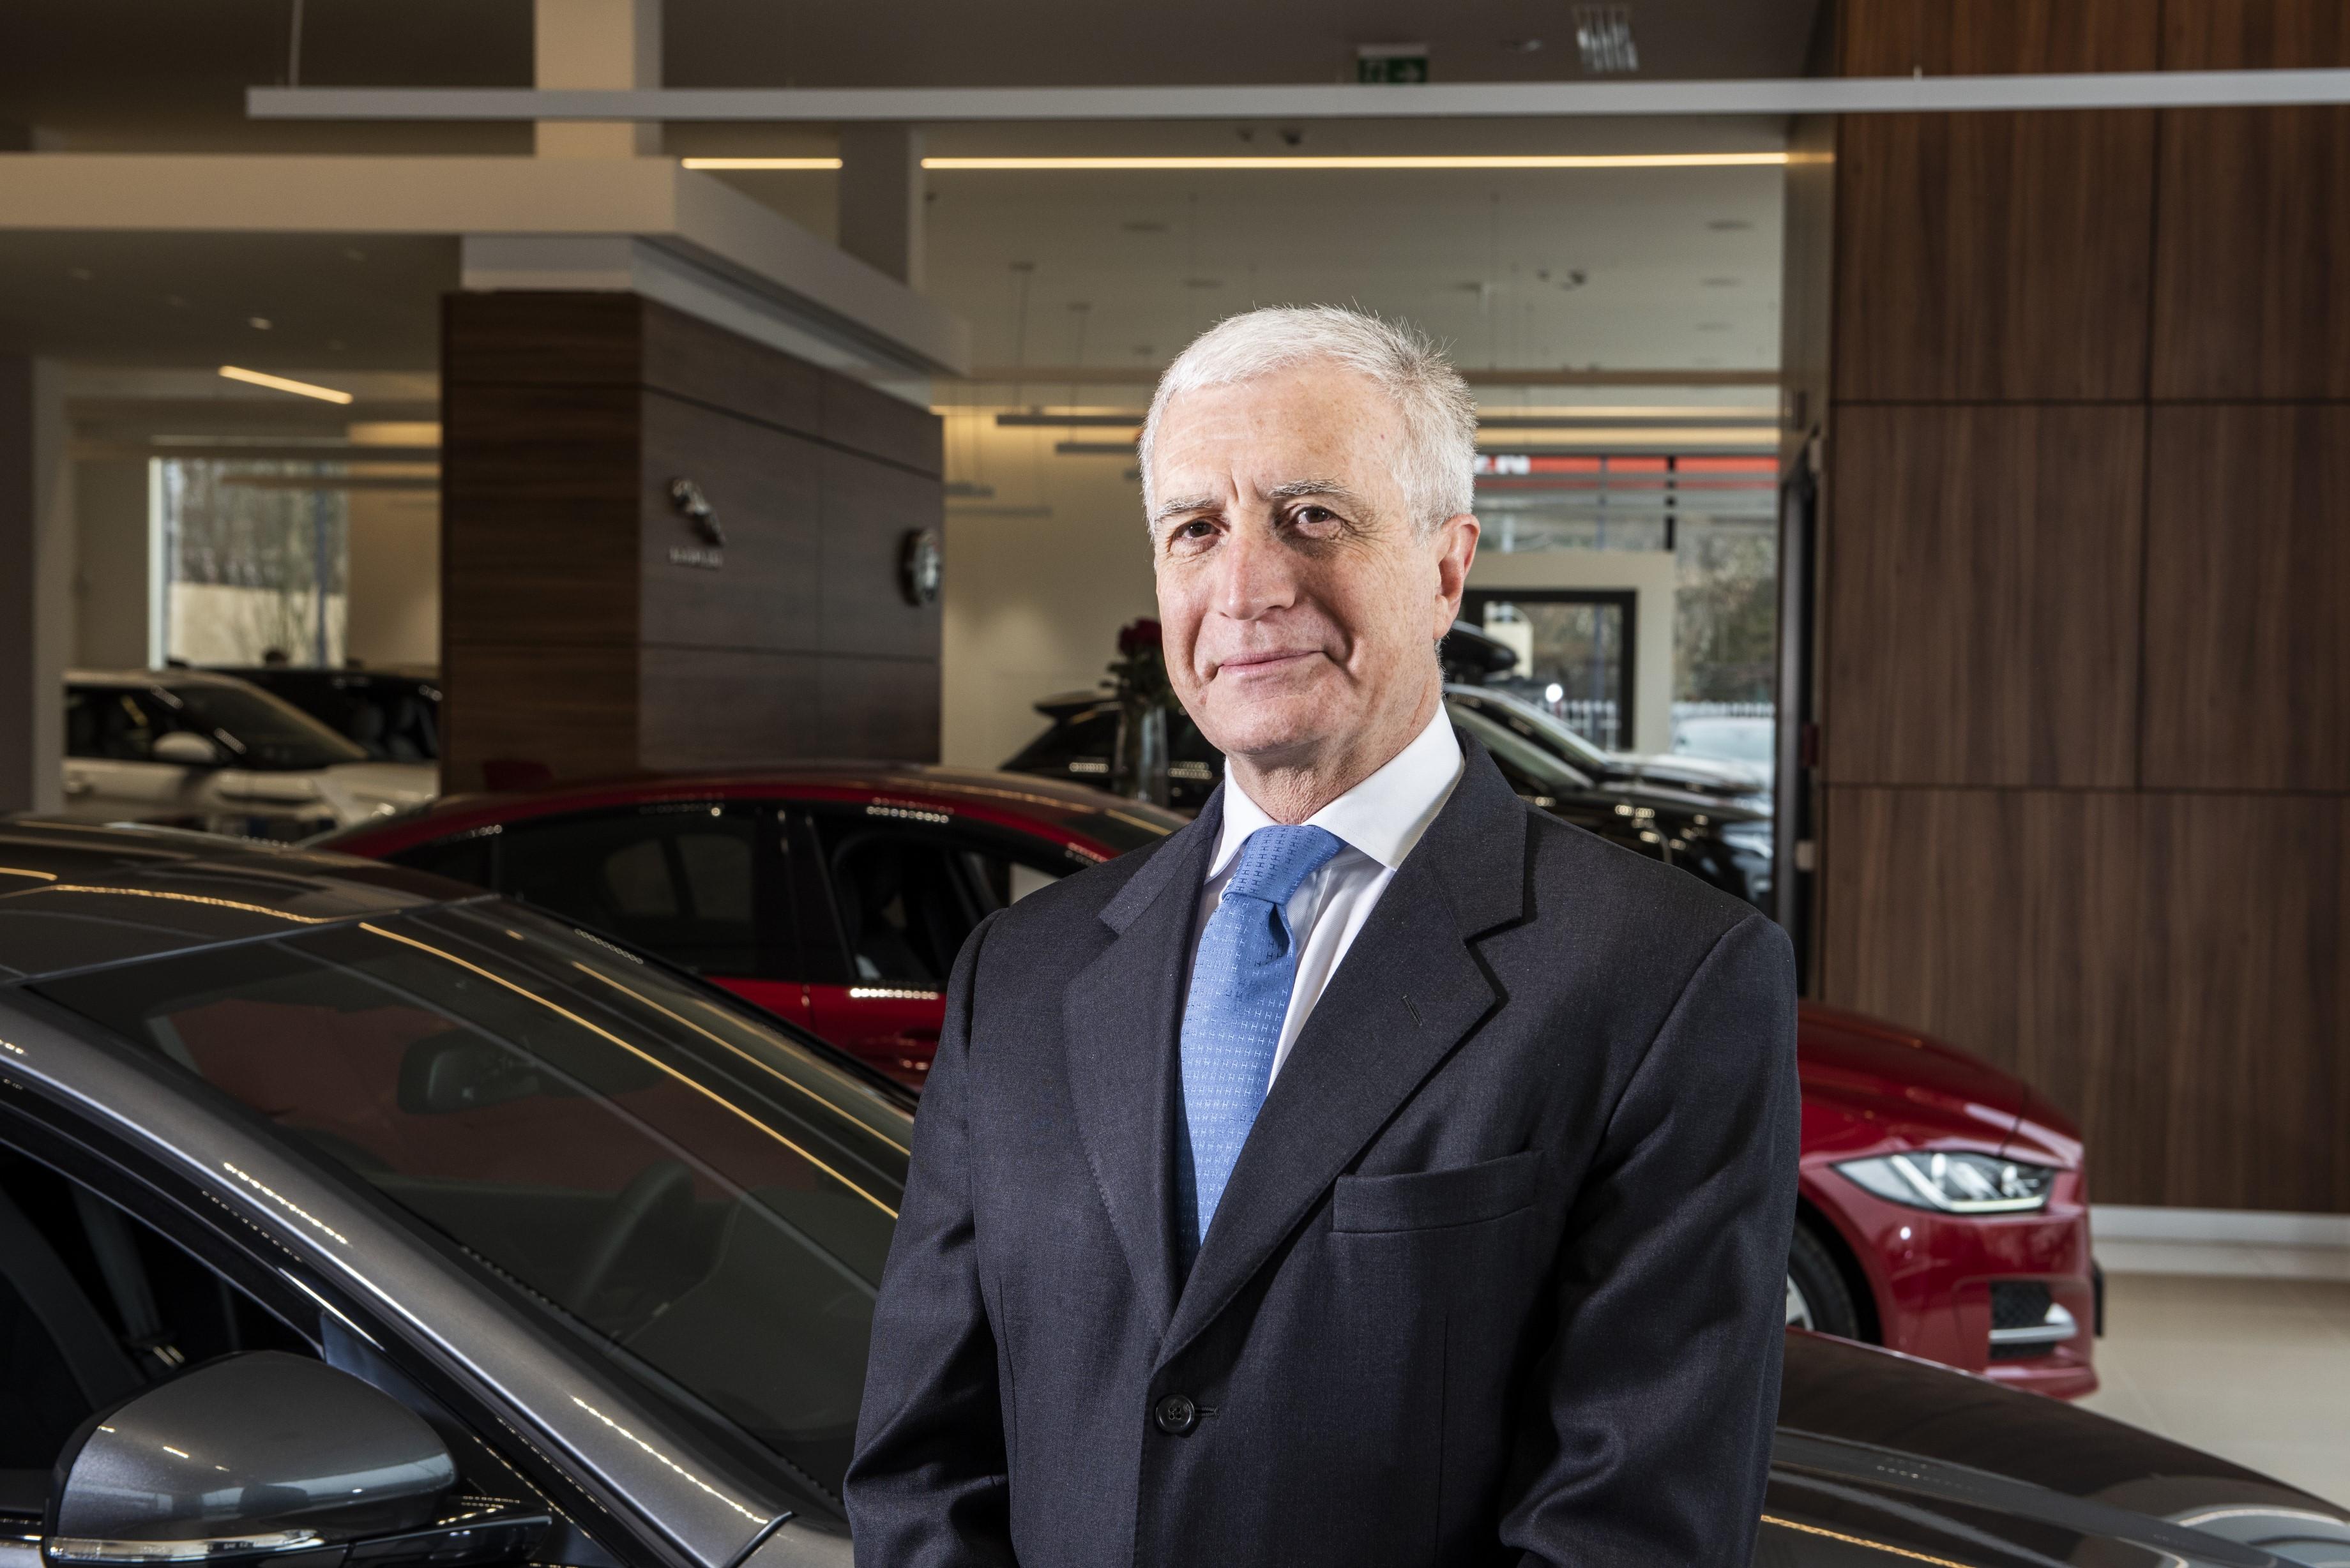 Gian Leonardo Fea pierwszym wiceprezesemBritish Automotive Holding S.A.